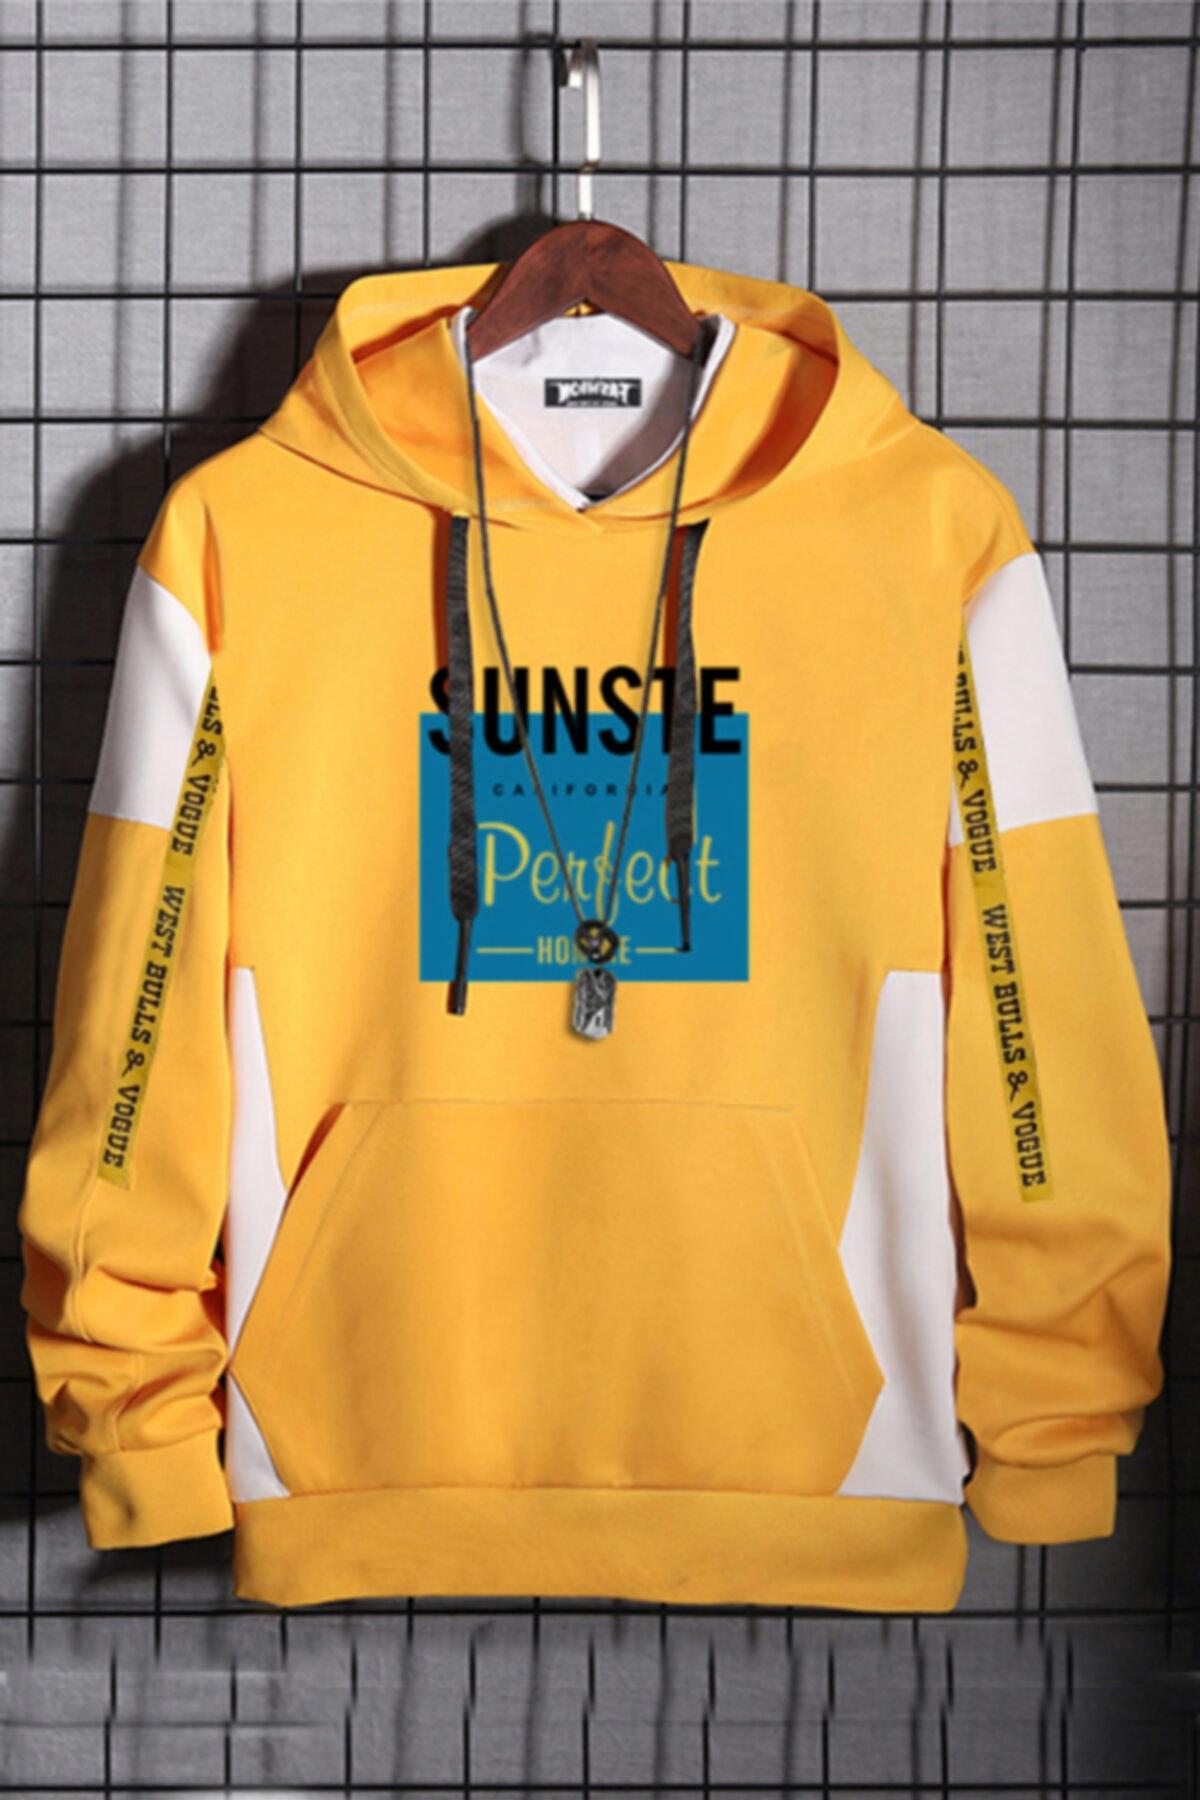 WEST BULLS California Unisex Oversize Sarı %100 Pamuk Kapüşonlu Baskılı Sweatshirt 1